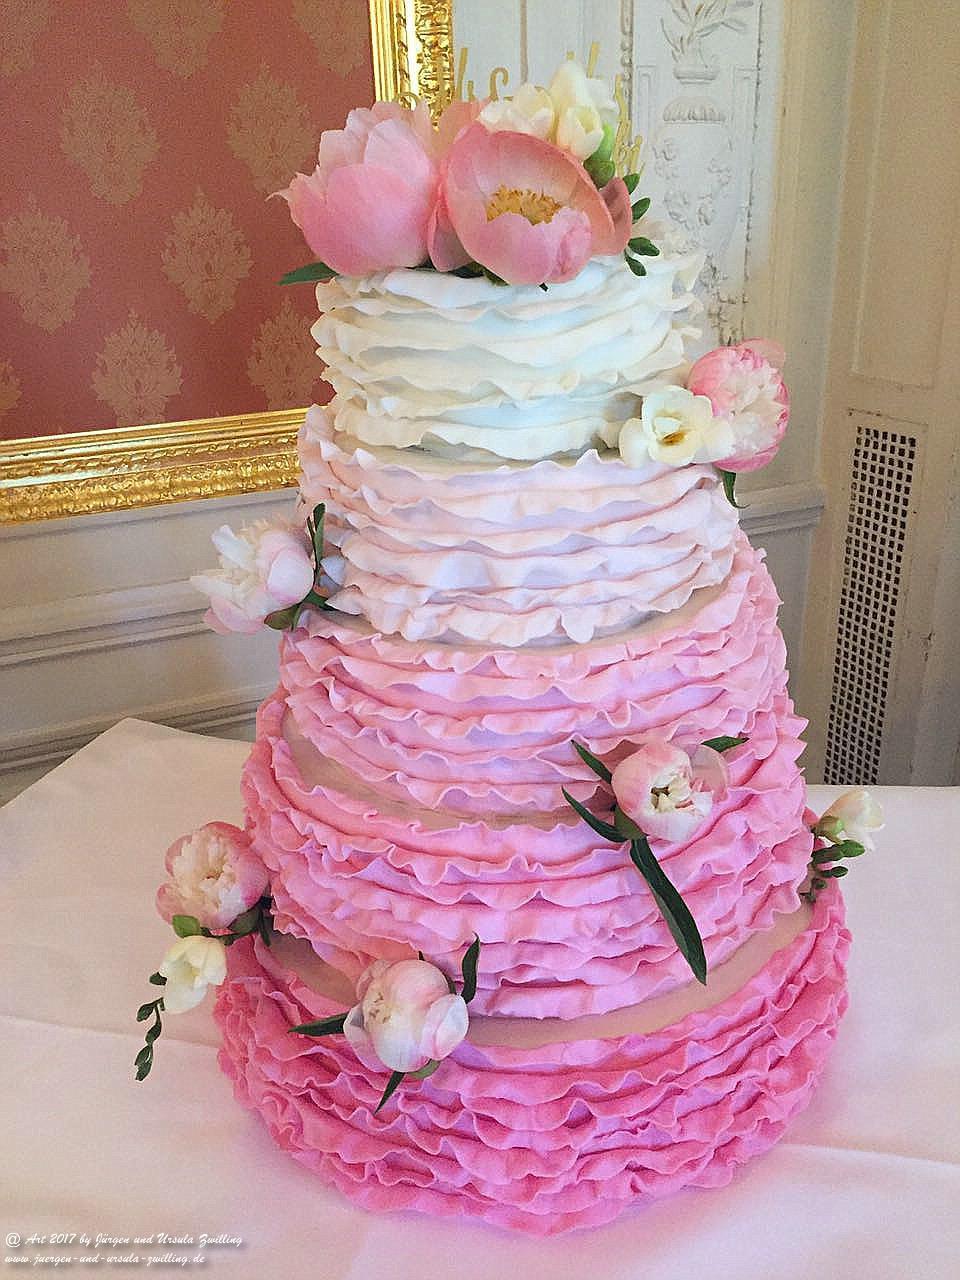 Ursula's 5 stöckige Hochzeitstorte